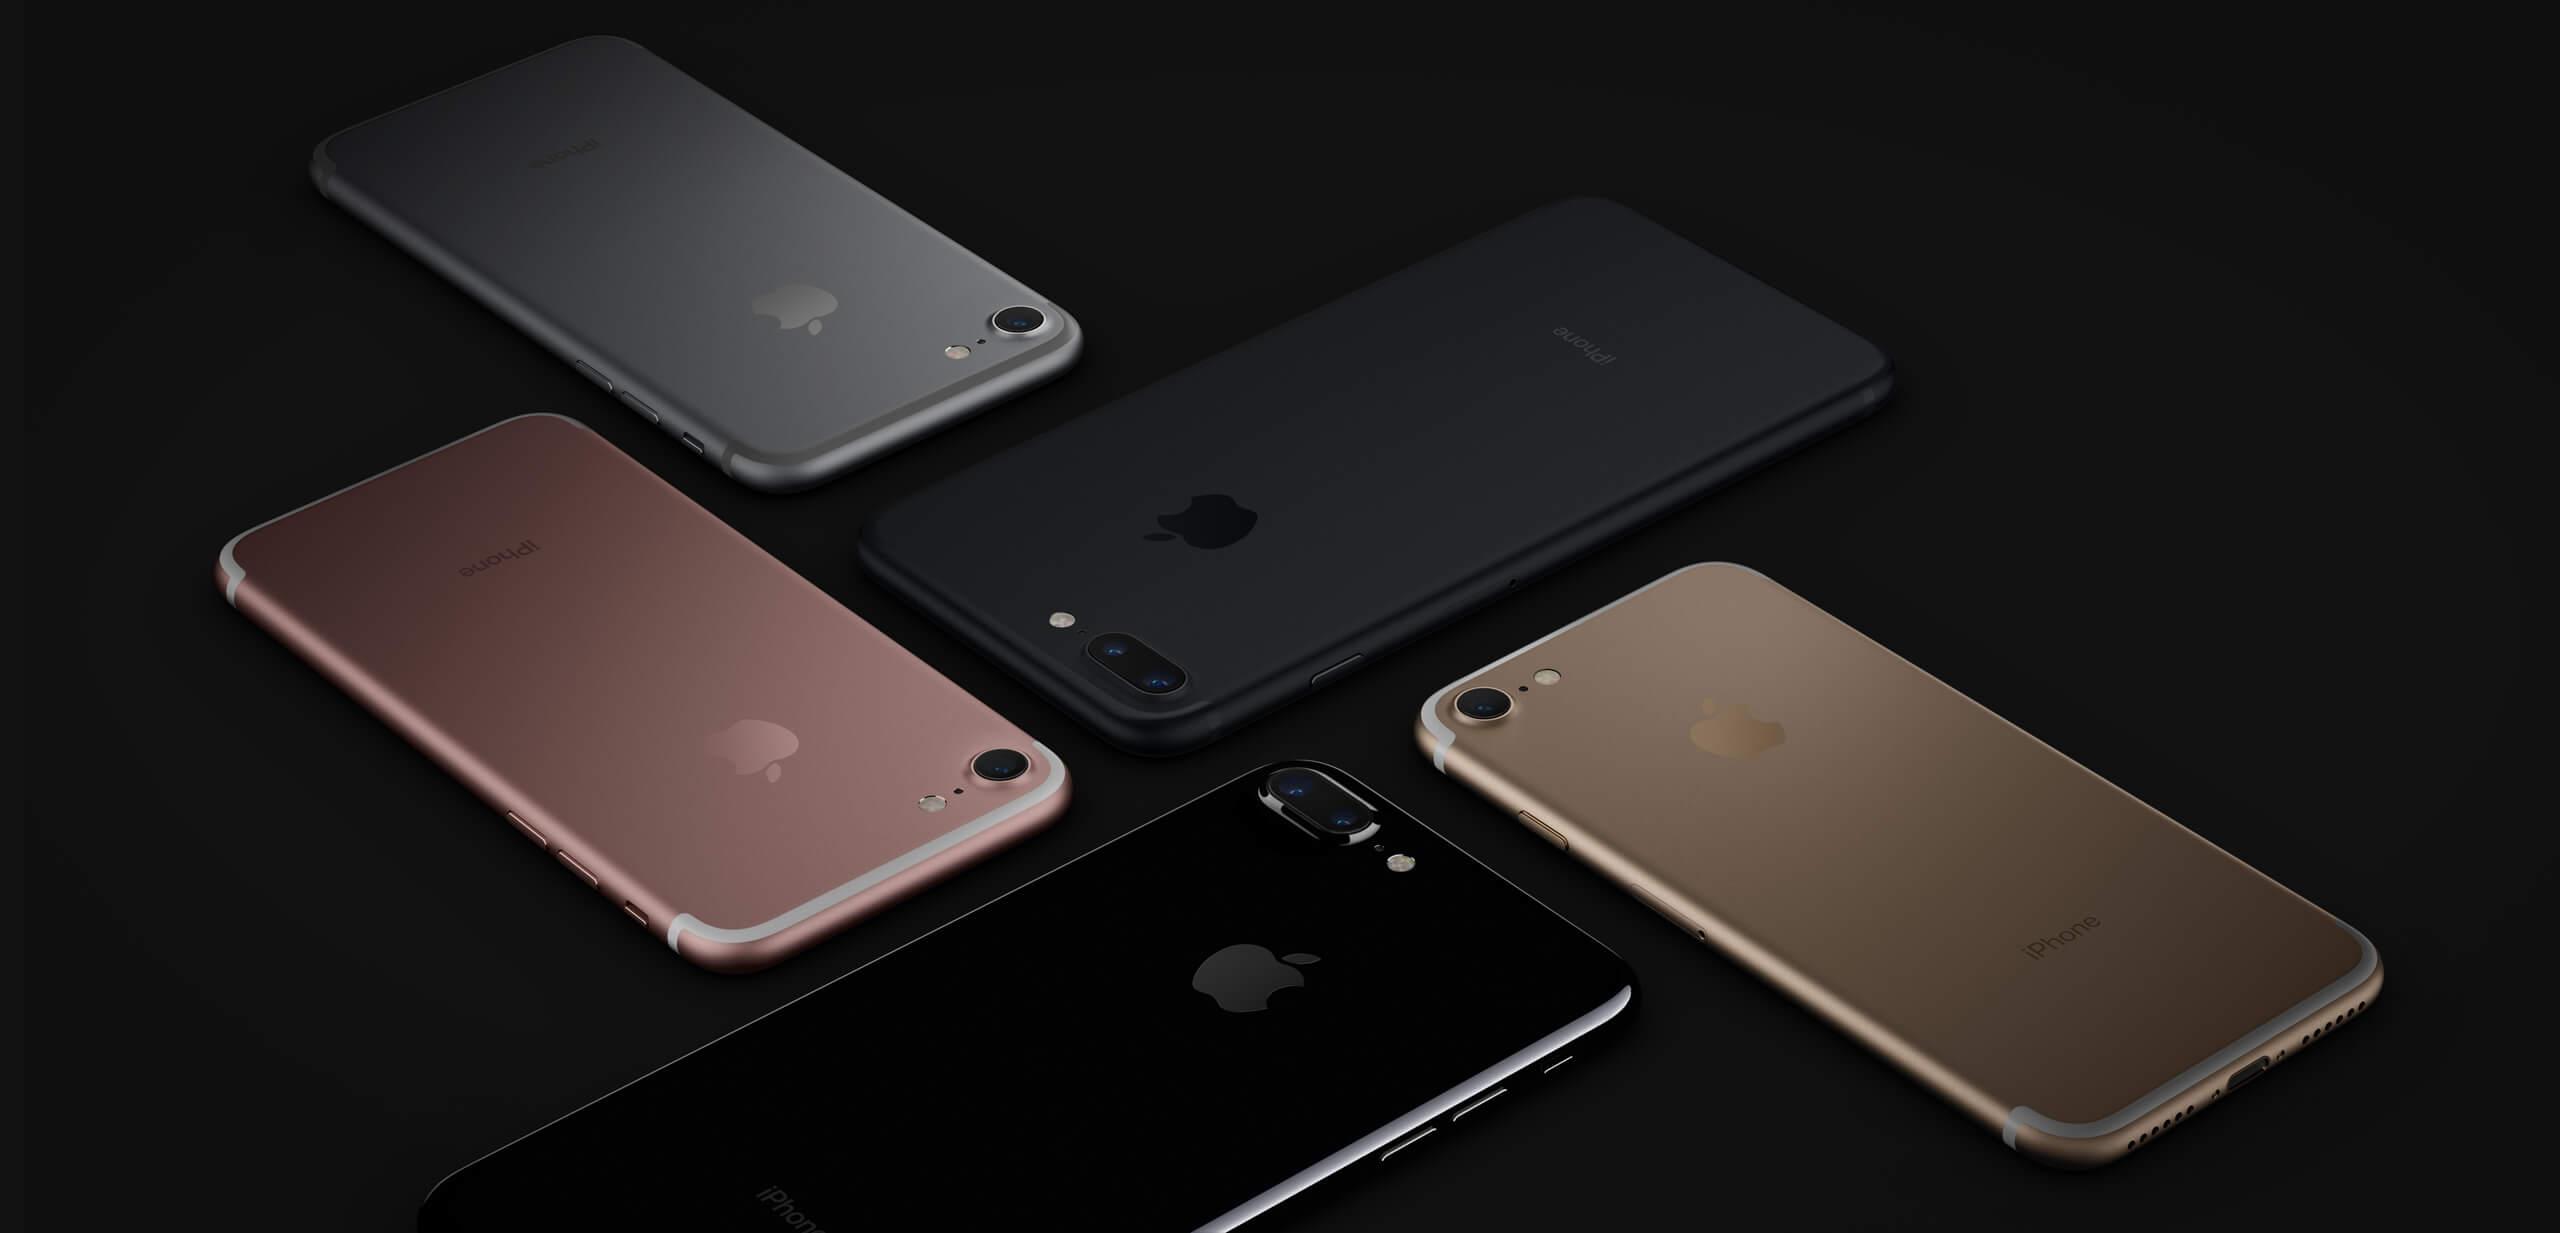 Il est désormais très compliqué d'appeler avec un iPhone 7 ou 7 Plus